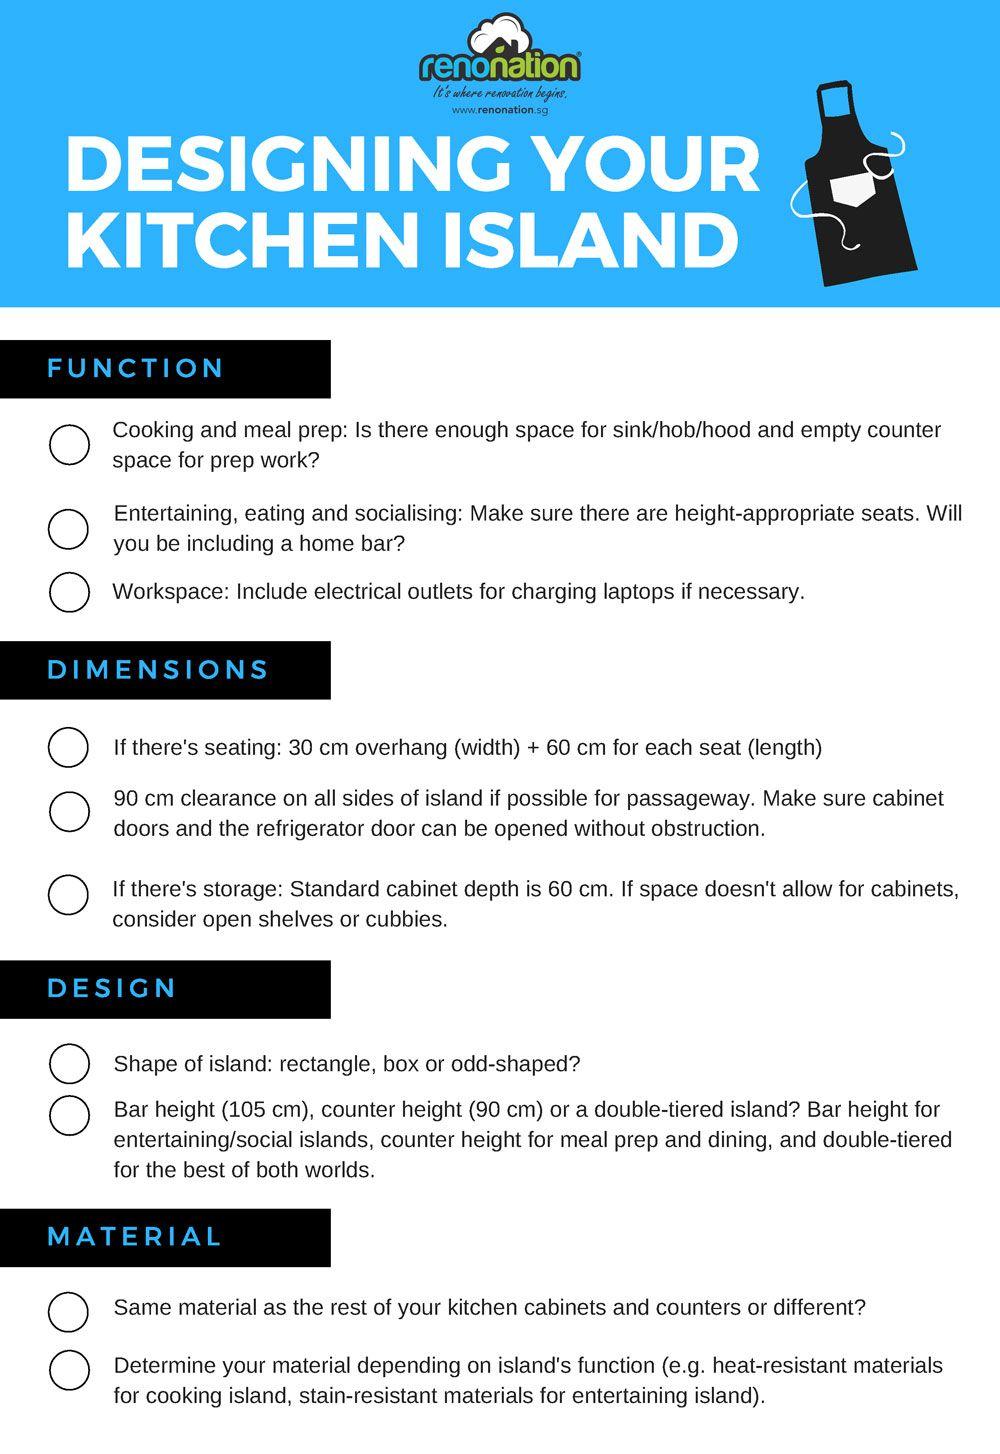 What To Consider When Designing A Kitchen Island Checklist Included Kitchen Island Design Your Kitchen Design